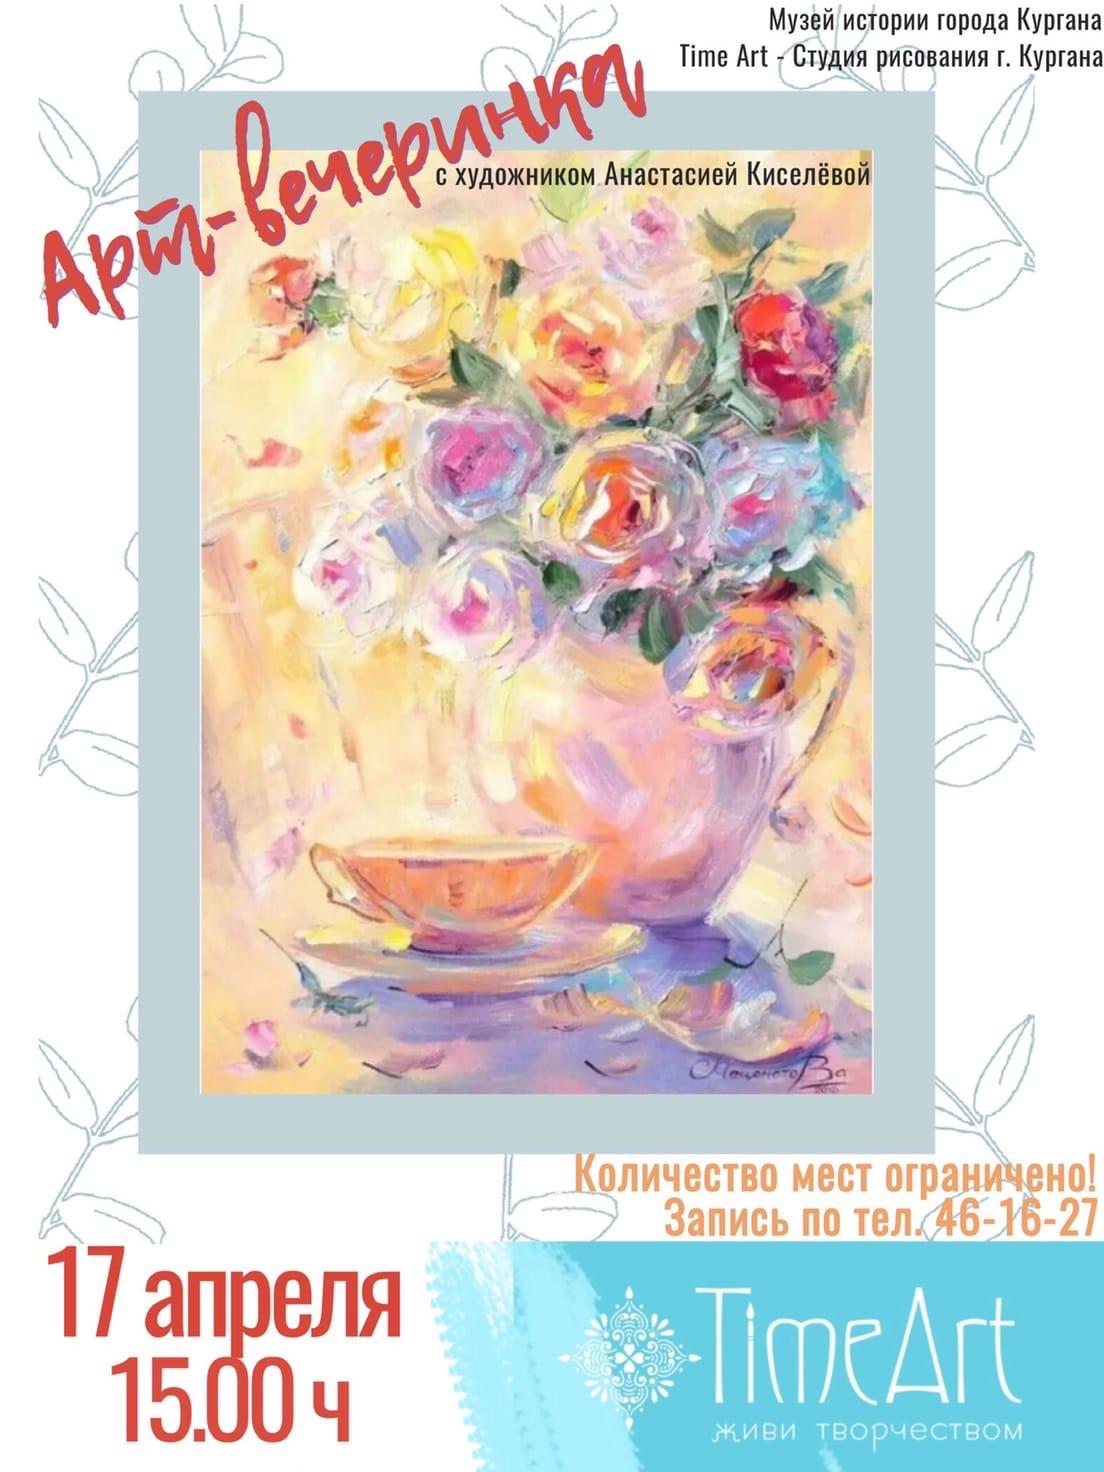 Музей истории города Арт-вечеринка «Ваза с цветами» курган афиша расписание